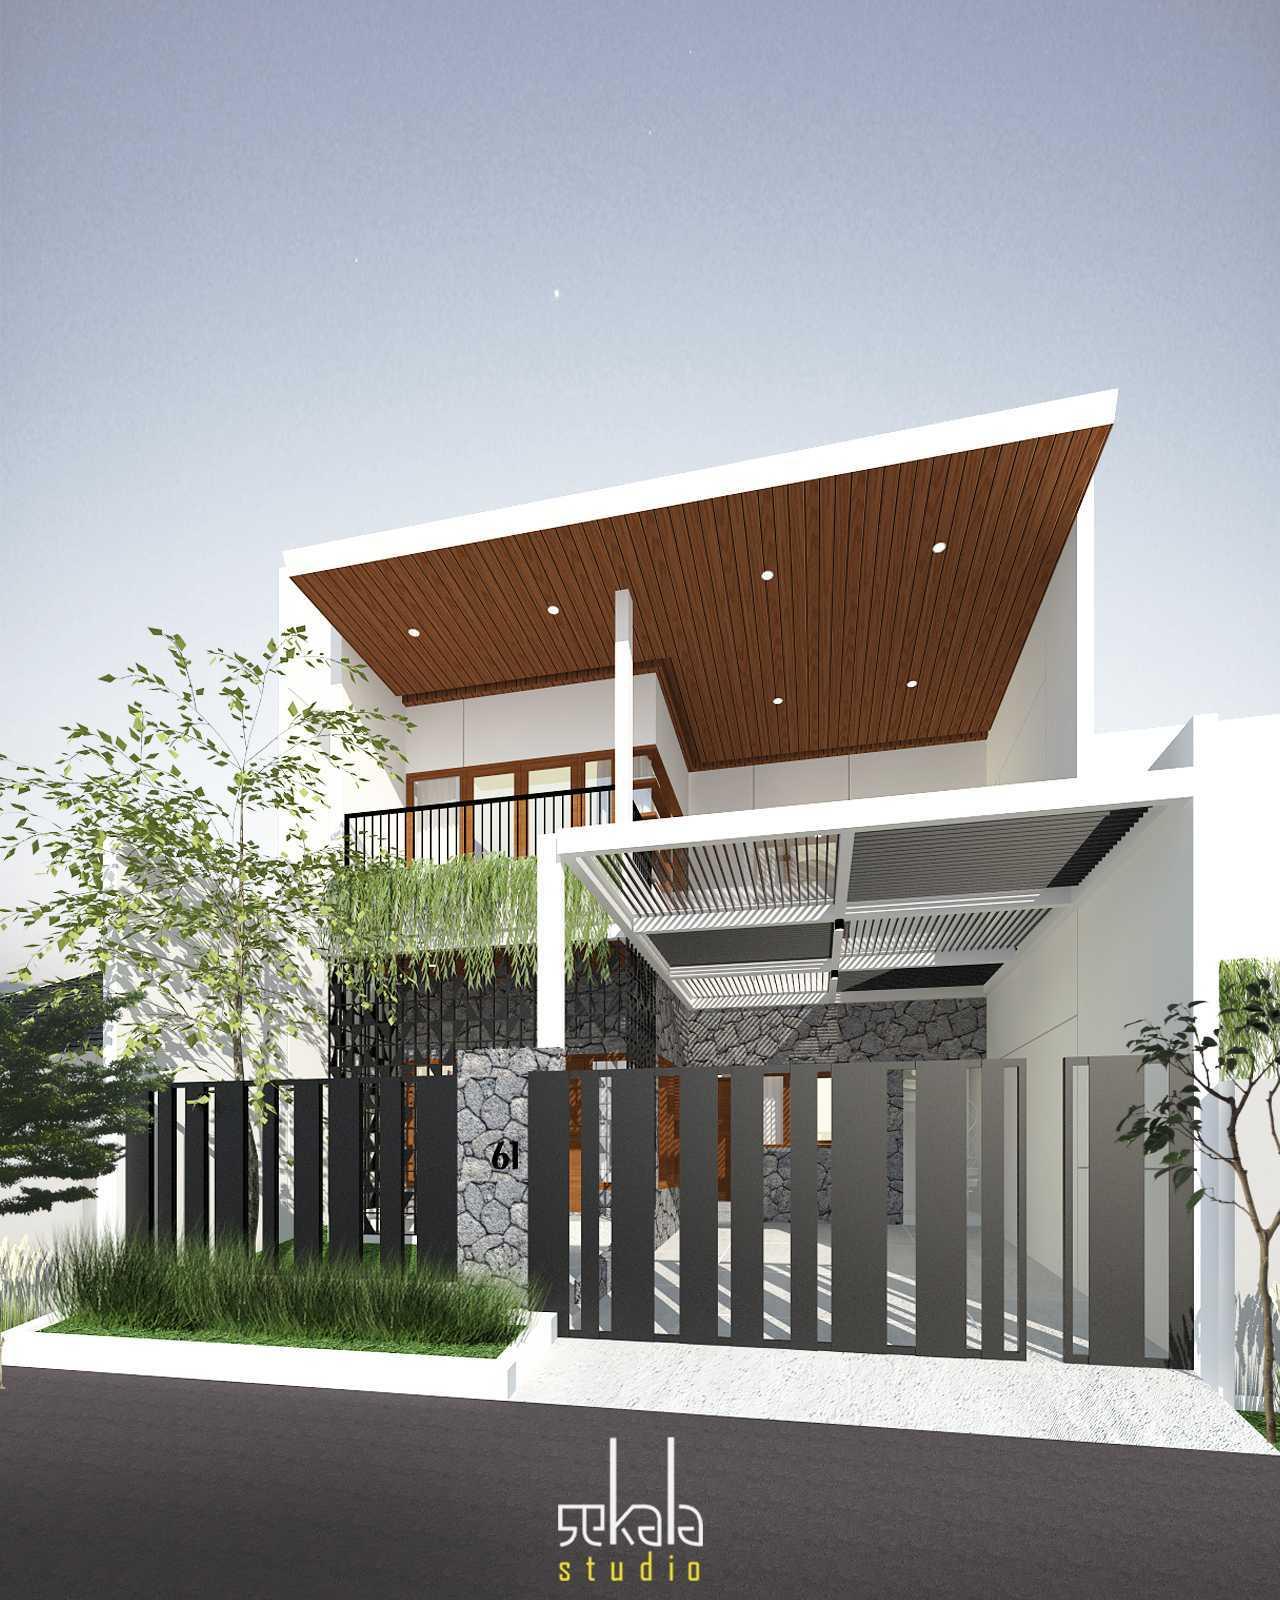 Sekala Petemon House Surabaya, Kota Sby, Jawa Timur, Indonesia Surabaya, Kota Sby, Jawa Timur, Indonesia Sekala-Rumah-Petemon-Surabaya  74510